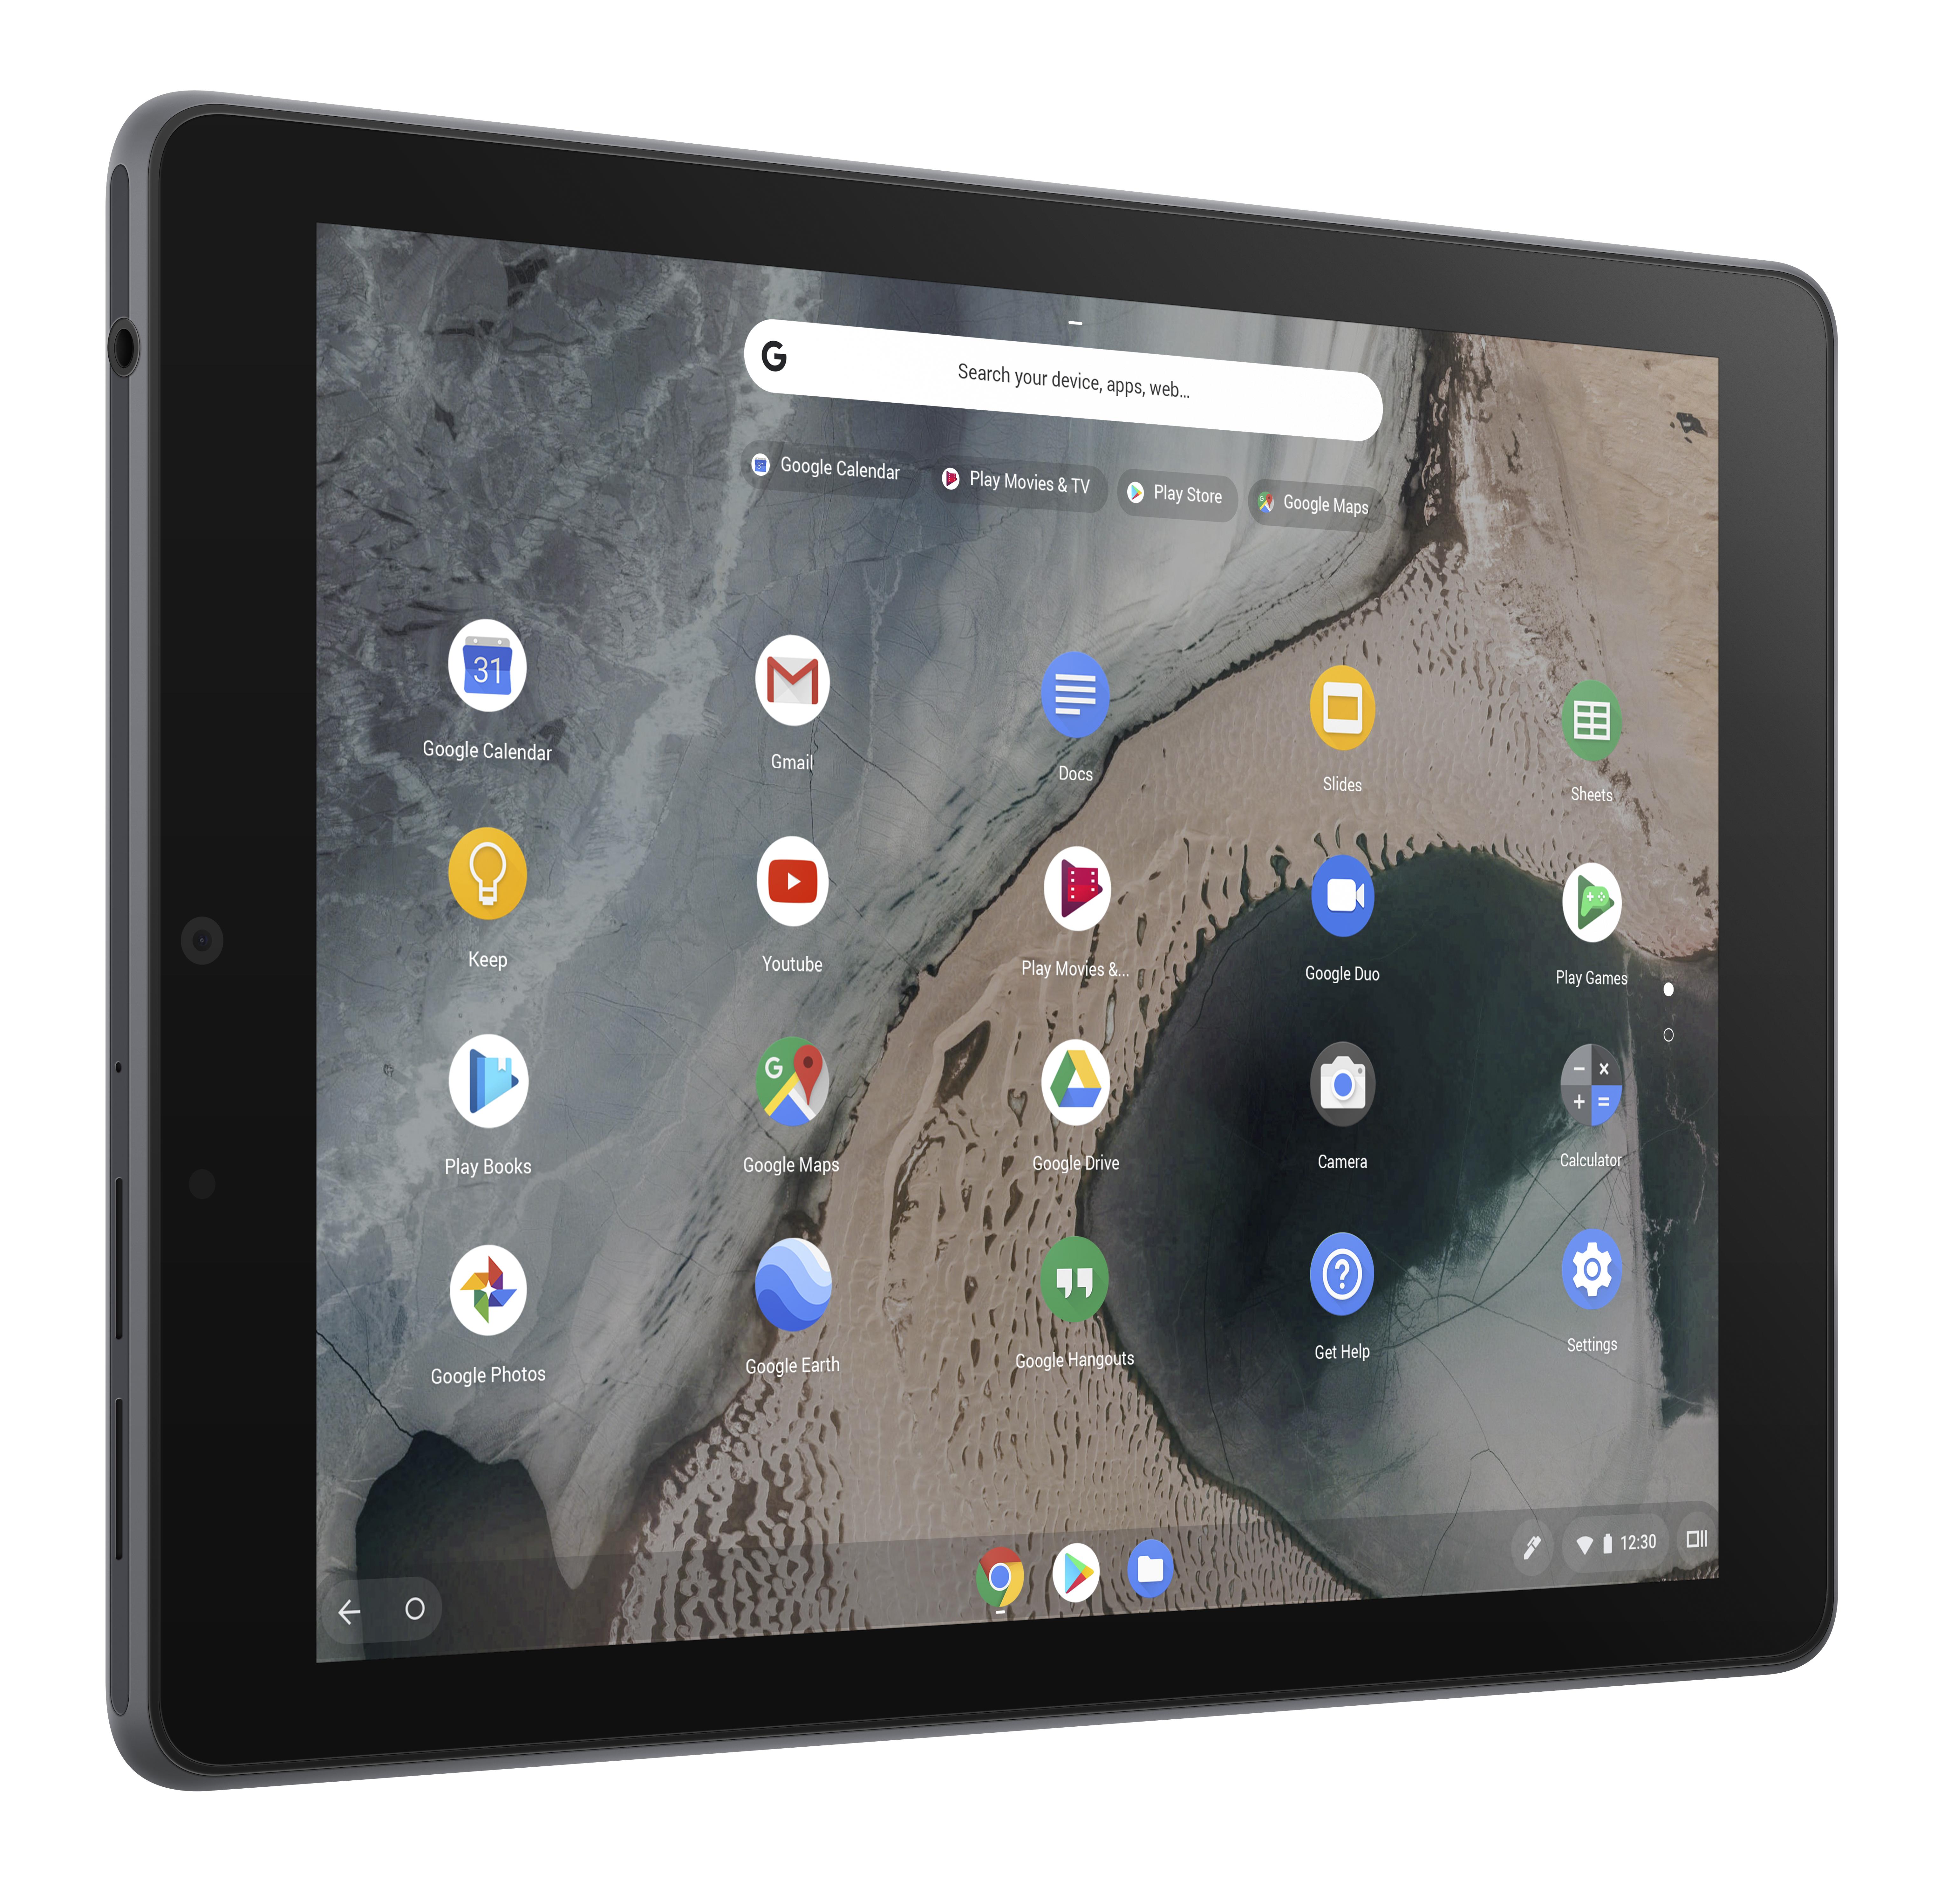 ASUS Chromebook Tablet CT100 in Dark Grey